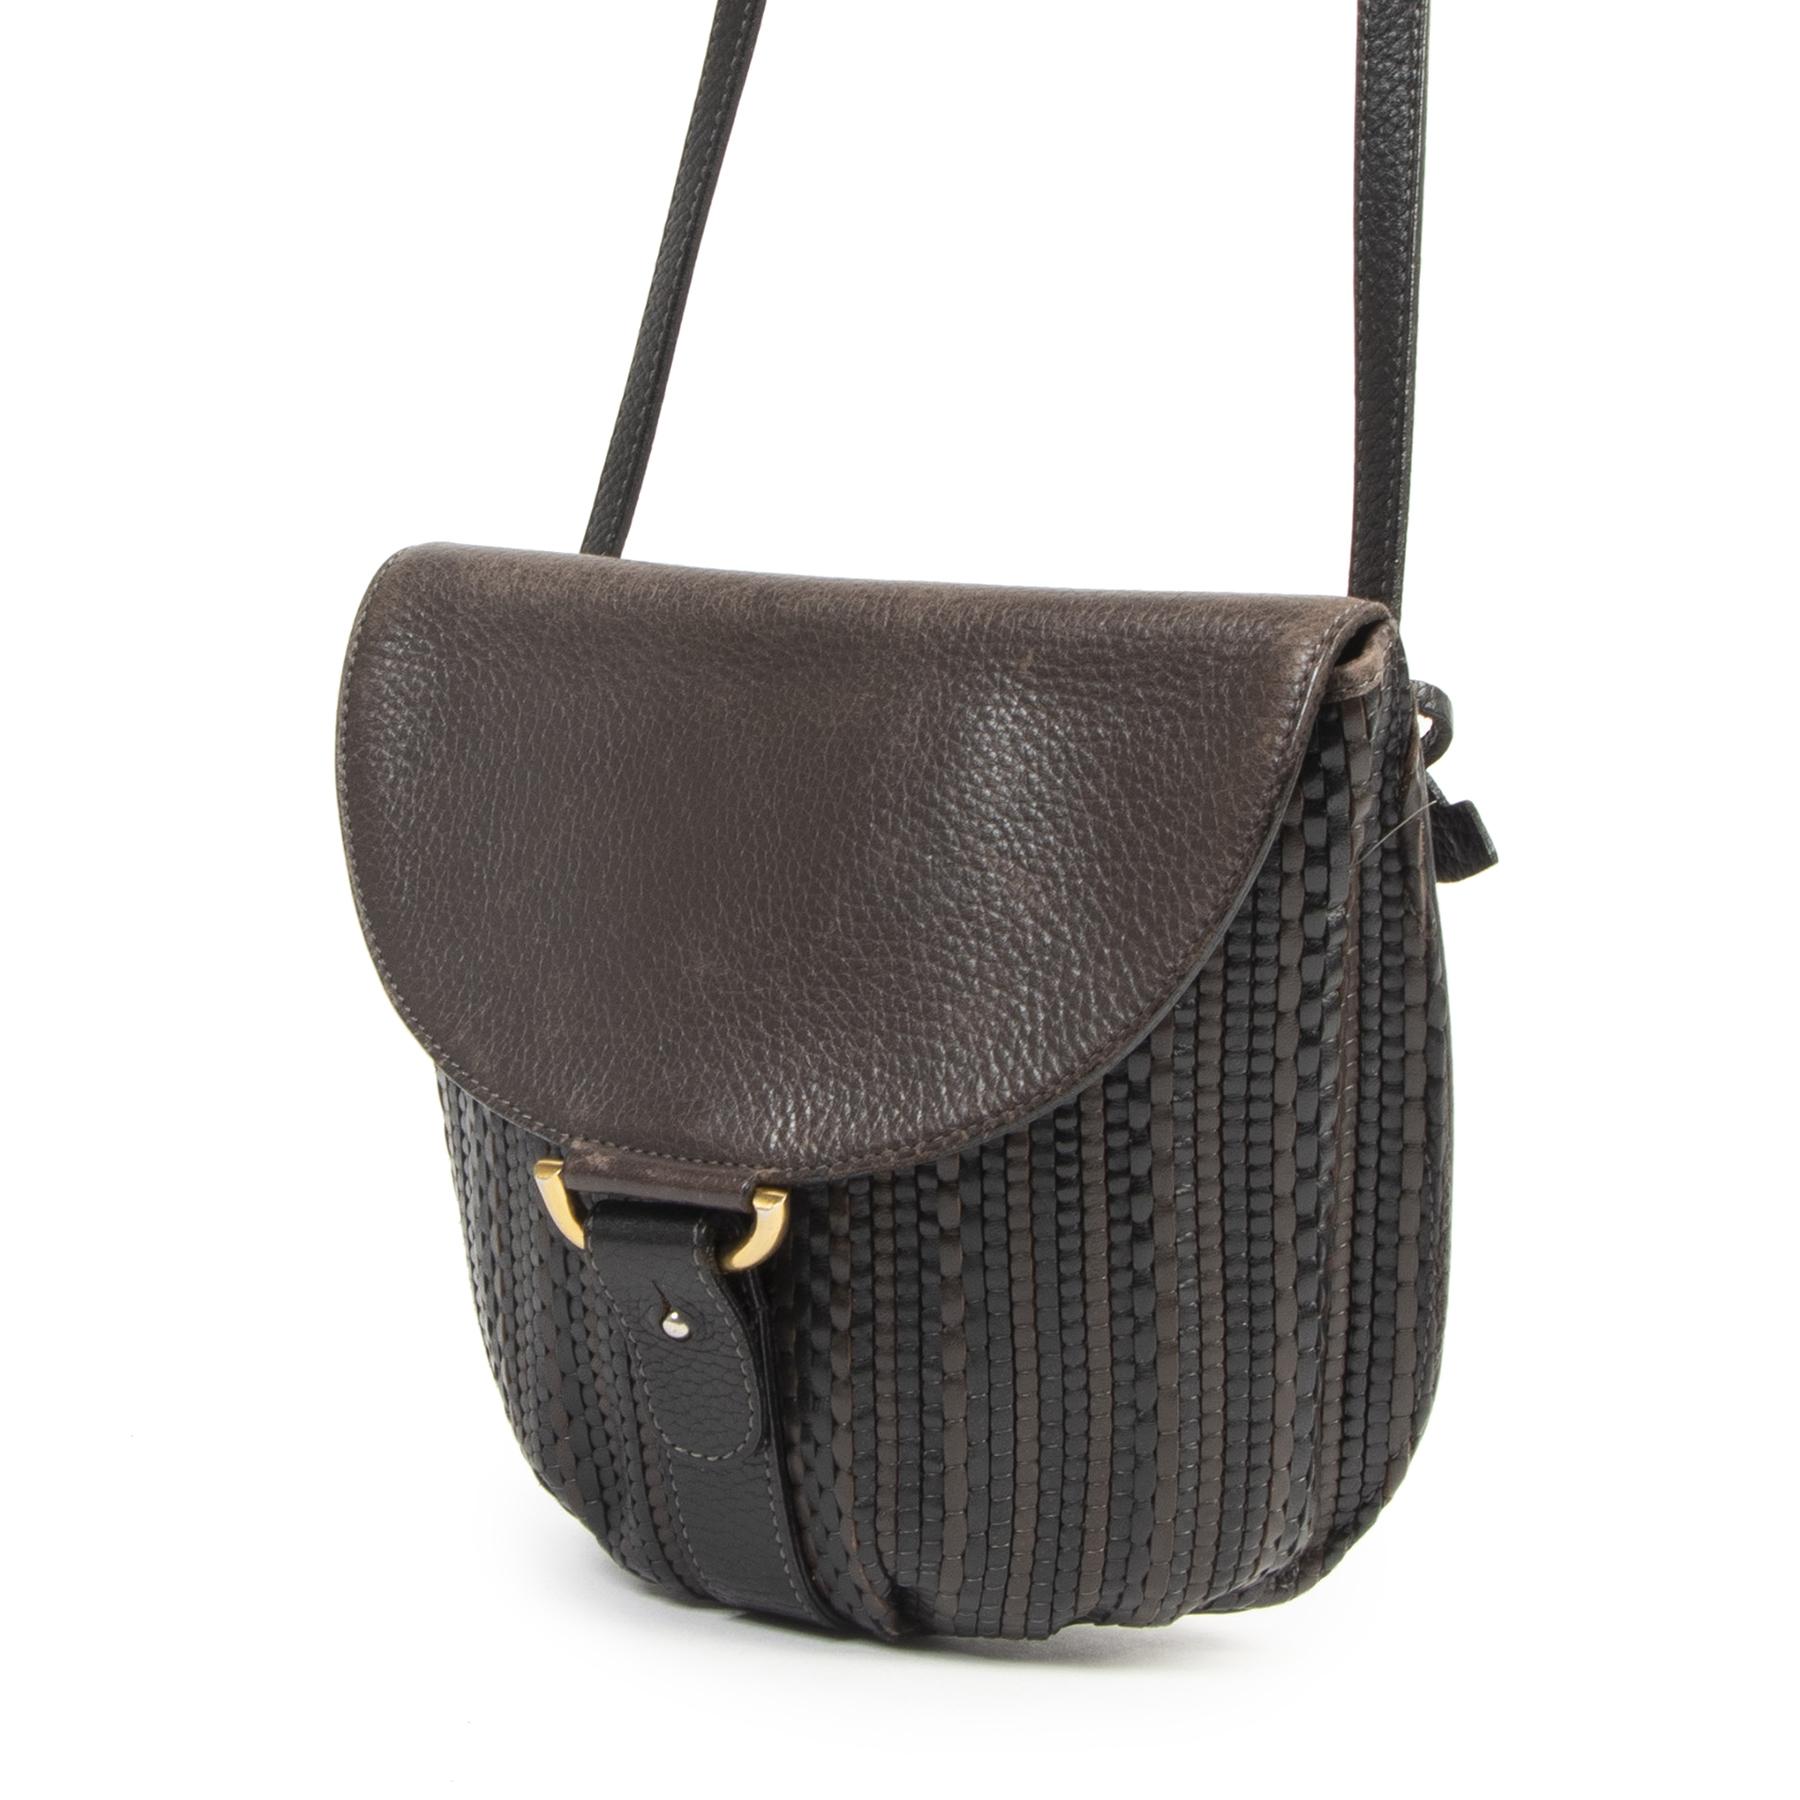 Authentieke Tweedehands Delvaux Brown Toile de Cuir Crossbody Bag juiste prijs veilig online shoppen luxe merken webshop winkelen Antwerpen België mode fashion